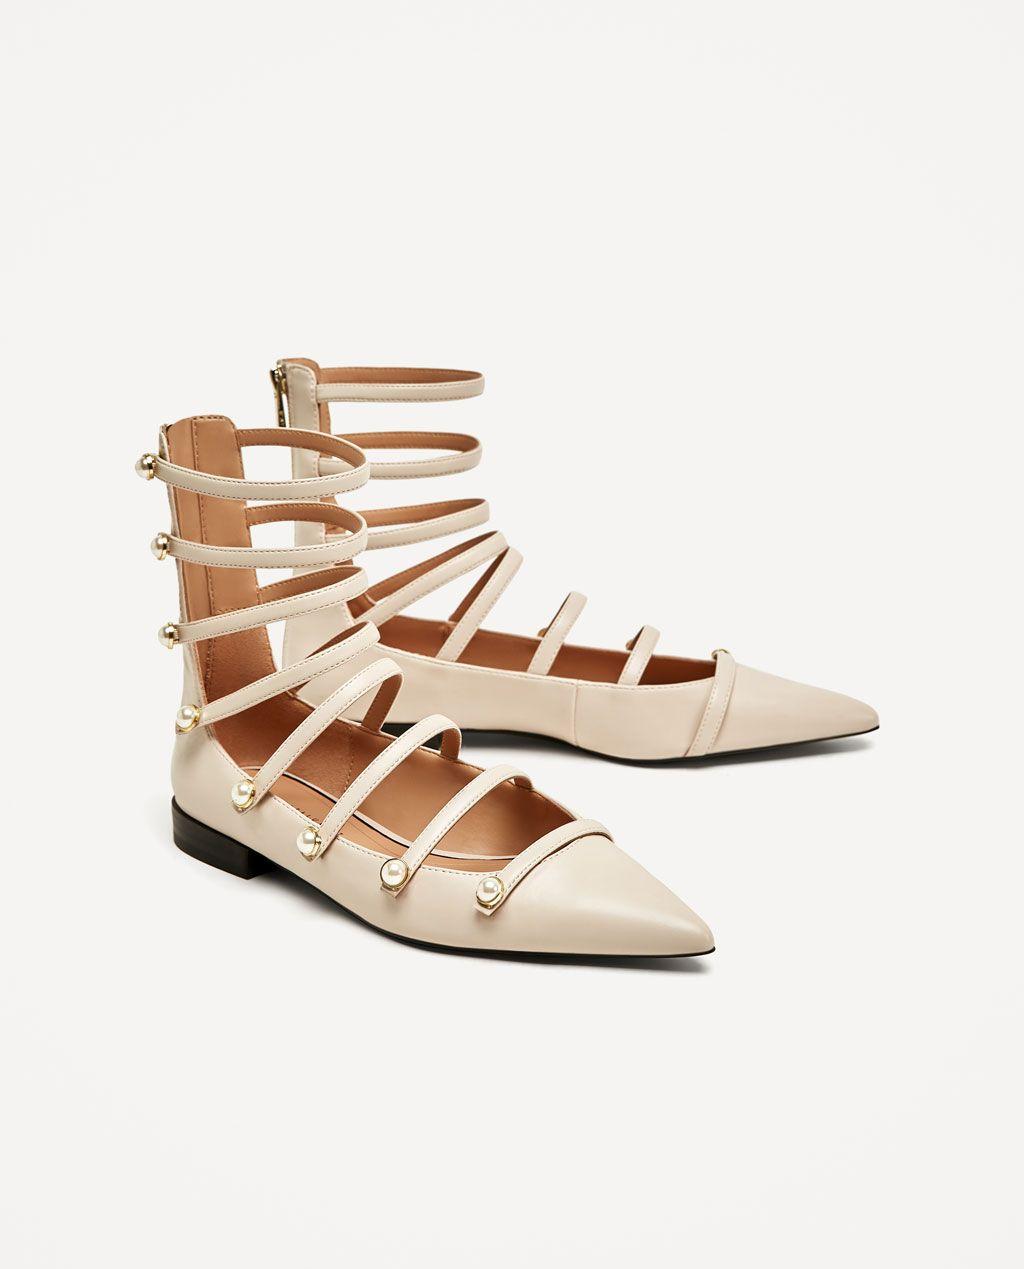 Zapatos Aw17 Mujer Colección Abotinada Zara Perlas España Bailarina qETCRwE